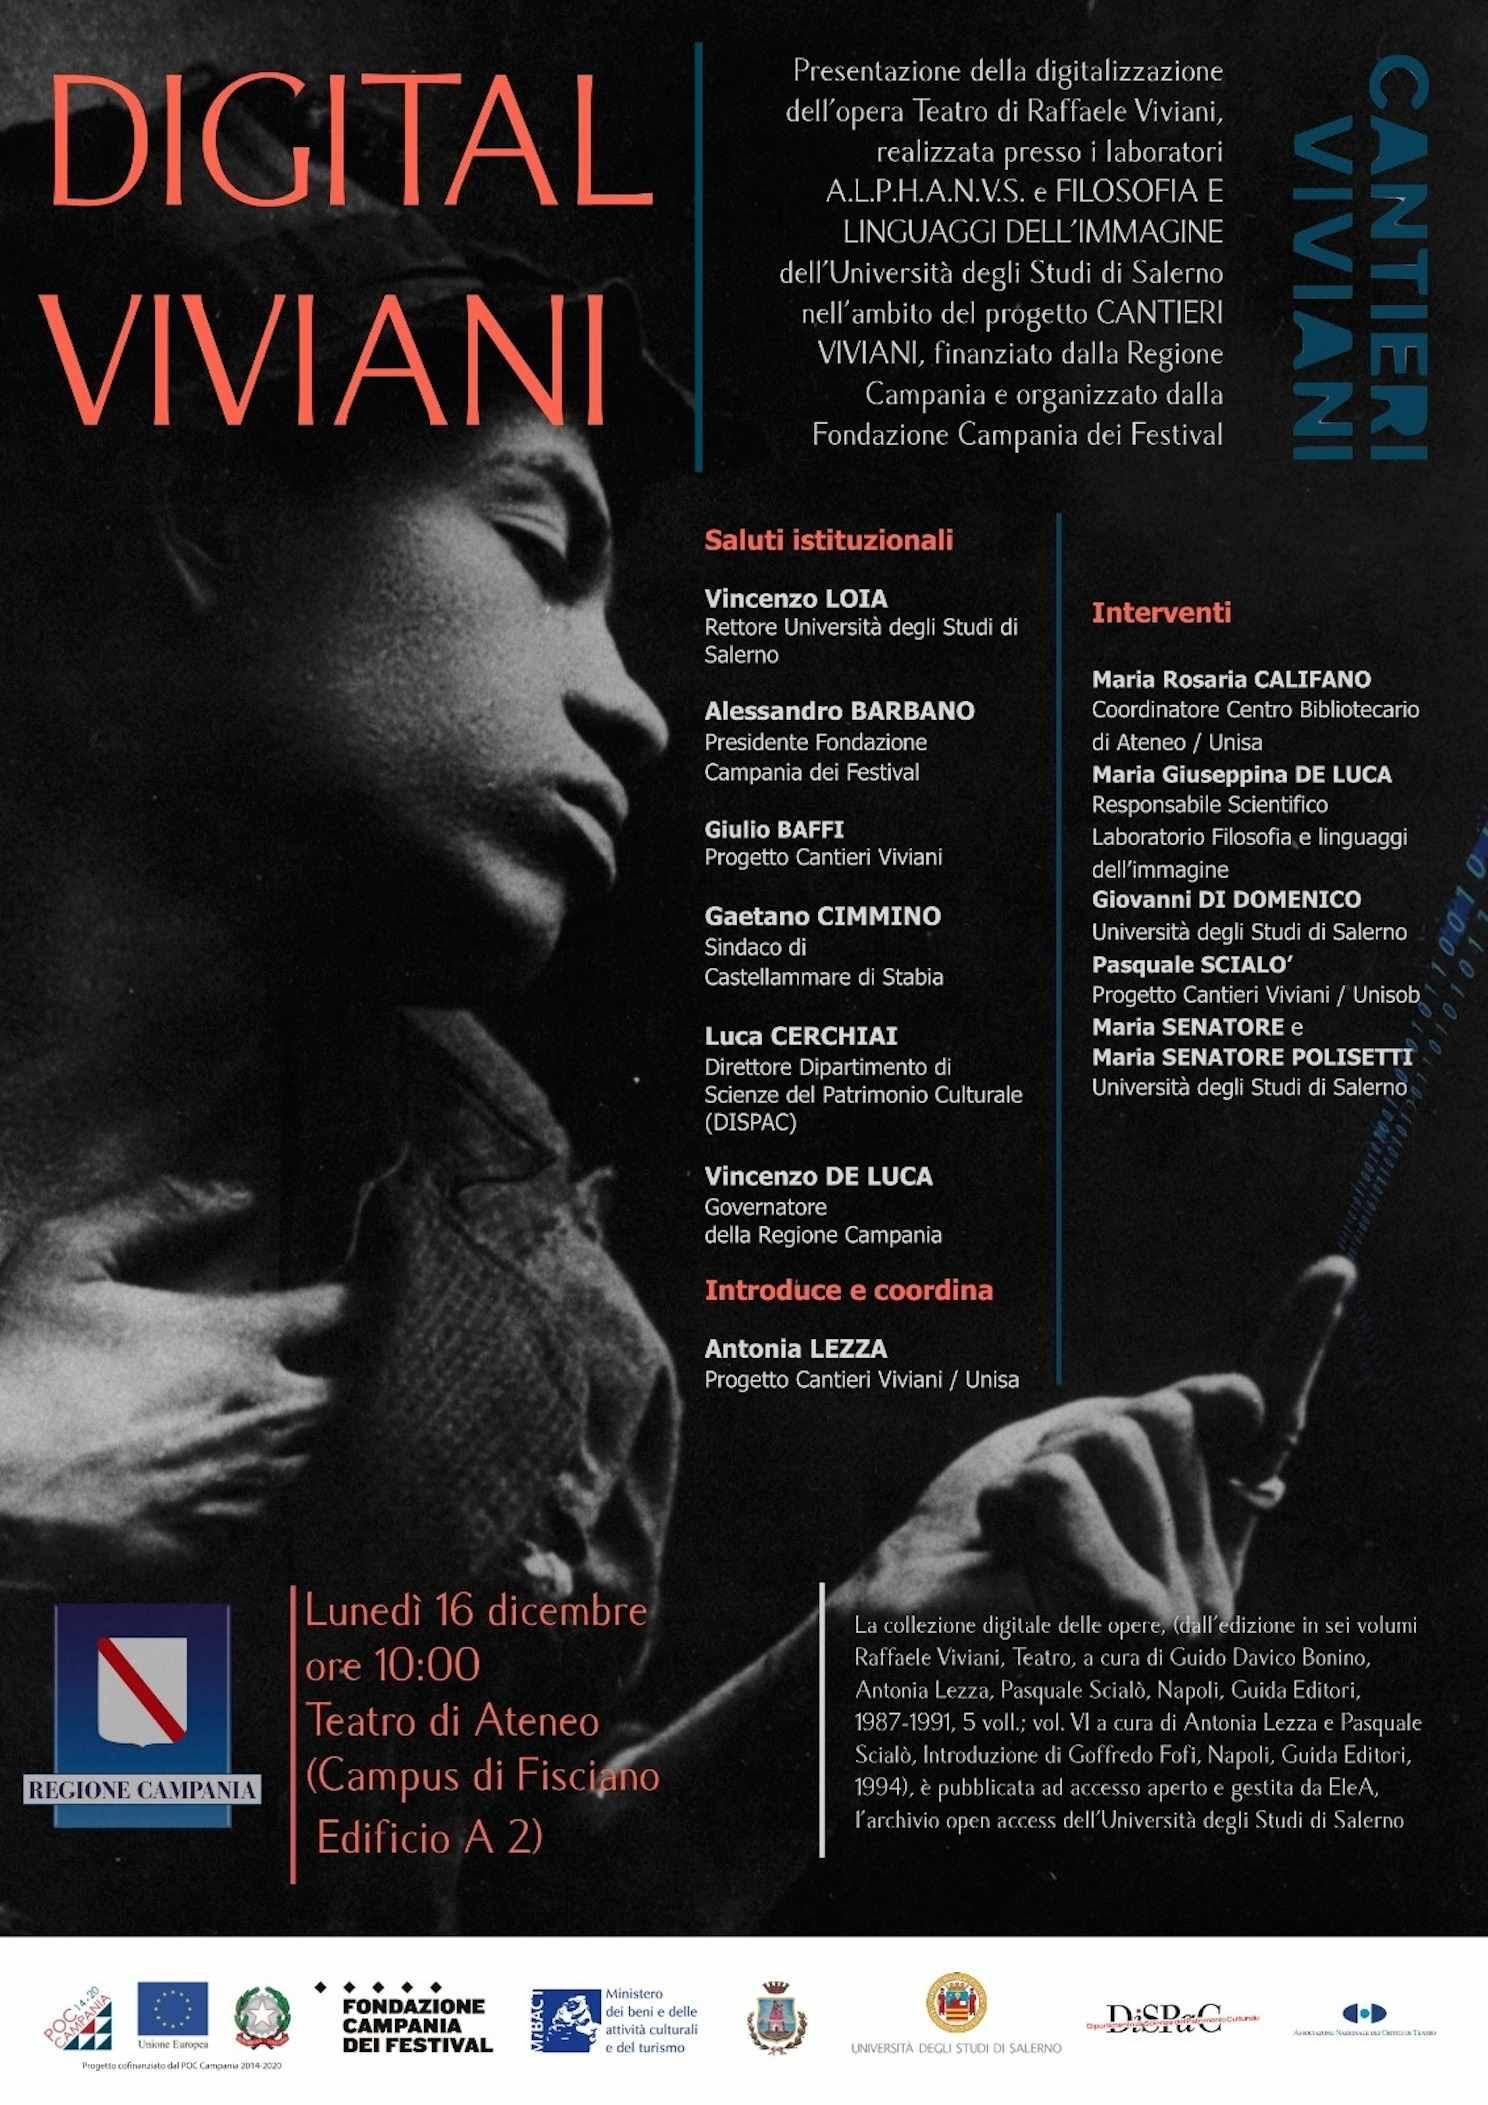 Lunedì 16 dicembre la presentazione della digitalizzazione dell'opera Teatro di Raffaele Viviani